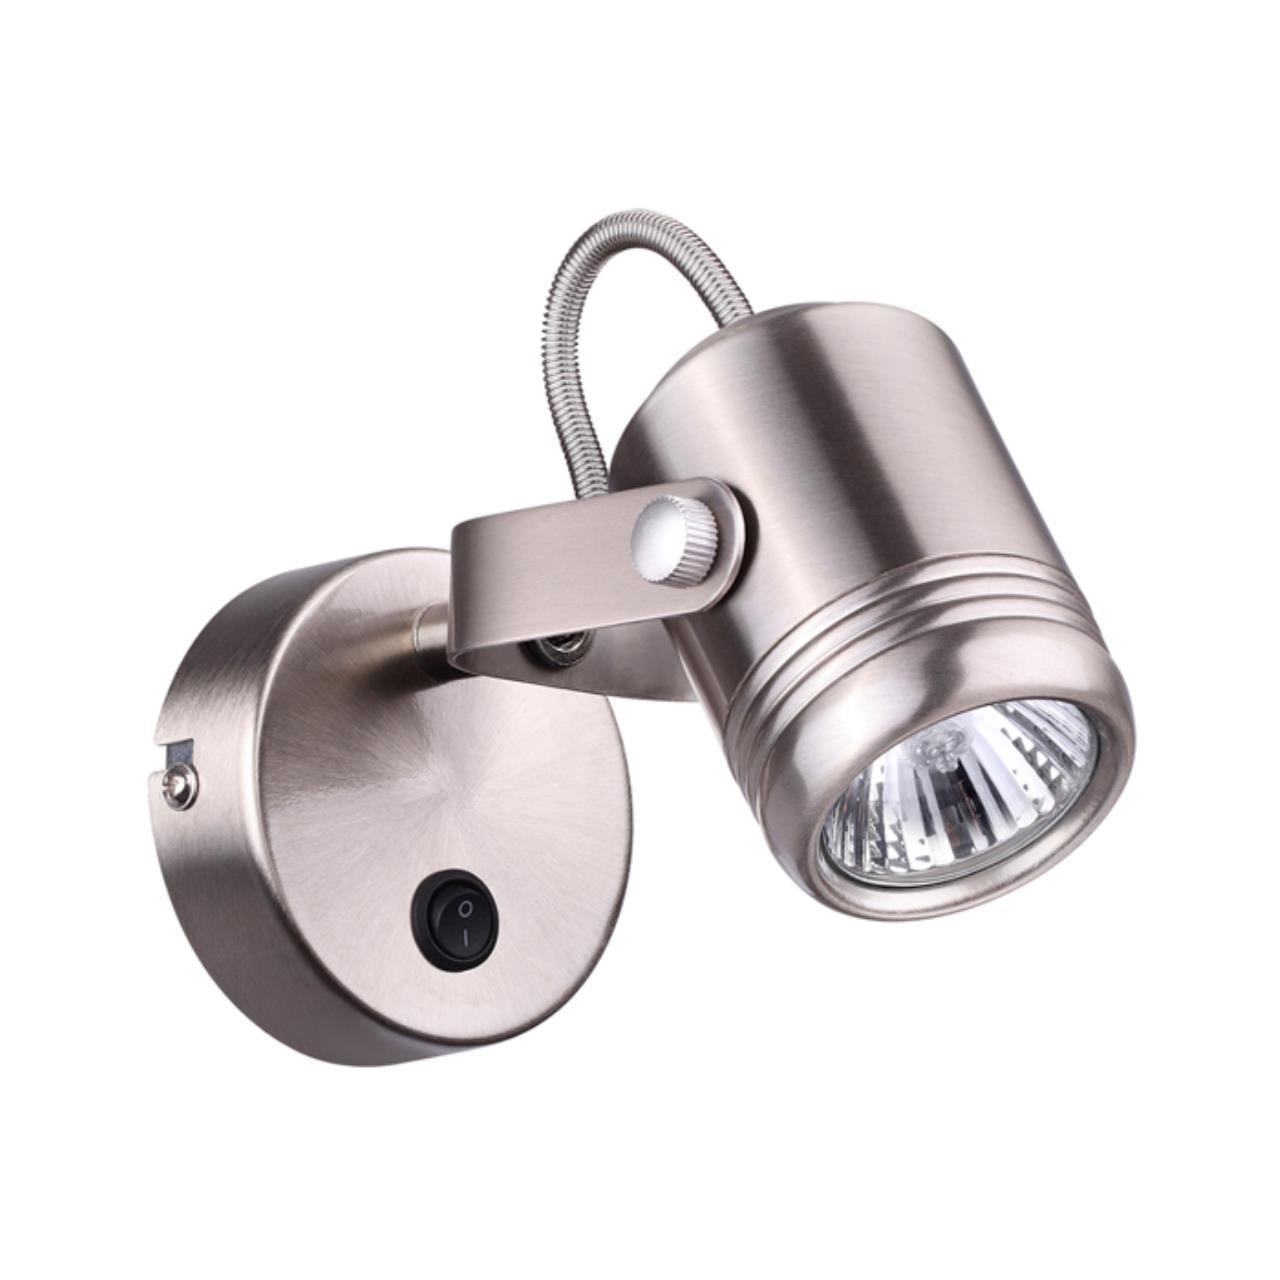 3627/1W MODERN ODL19 263 матовый никель/металл Настенный светильник GU10 1*50W D150*H80 FLEXIMINI